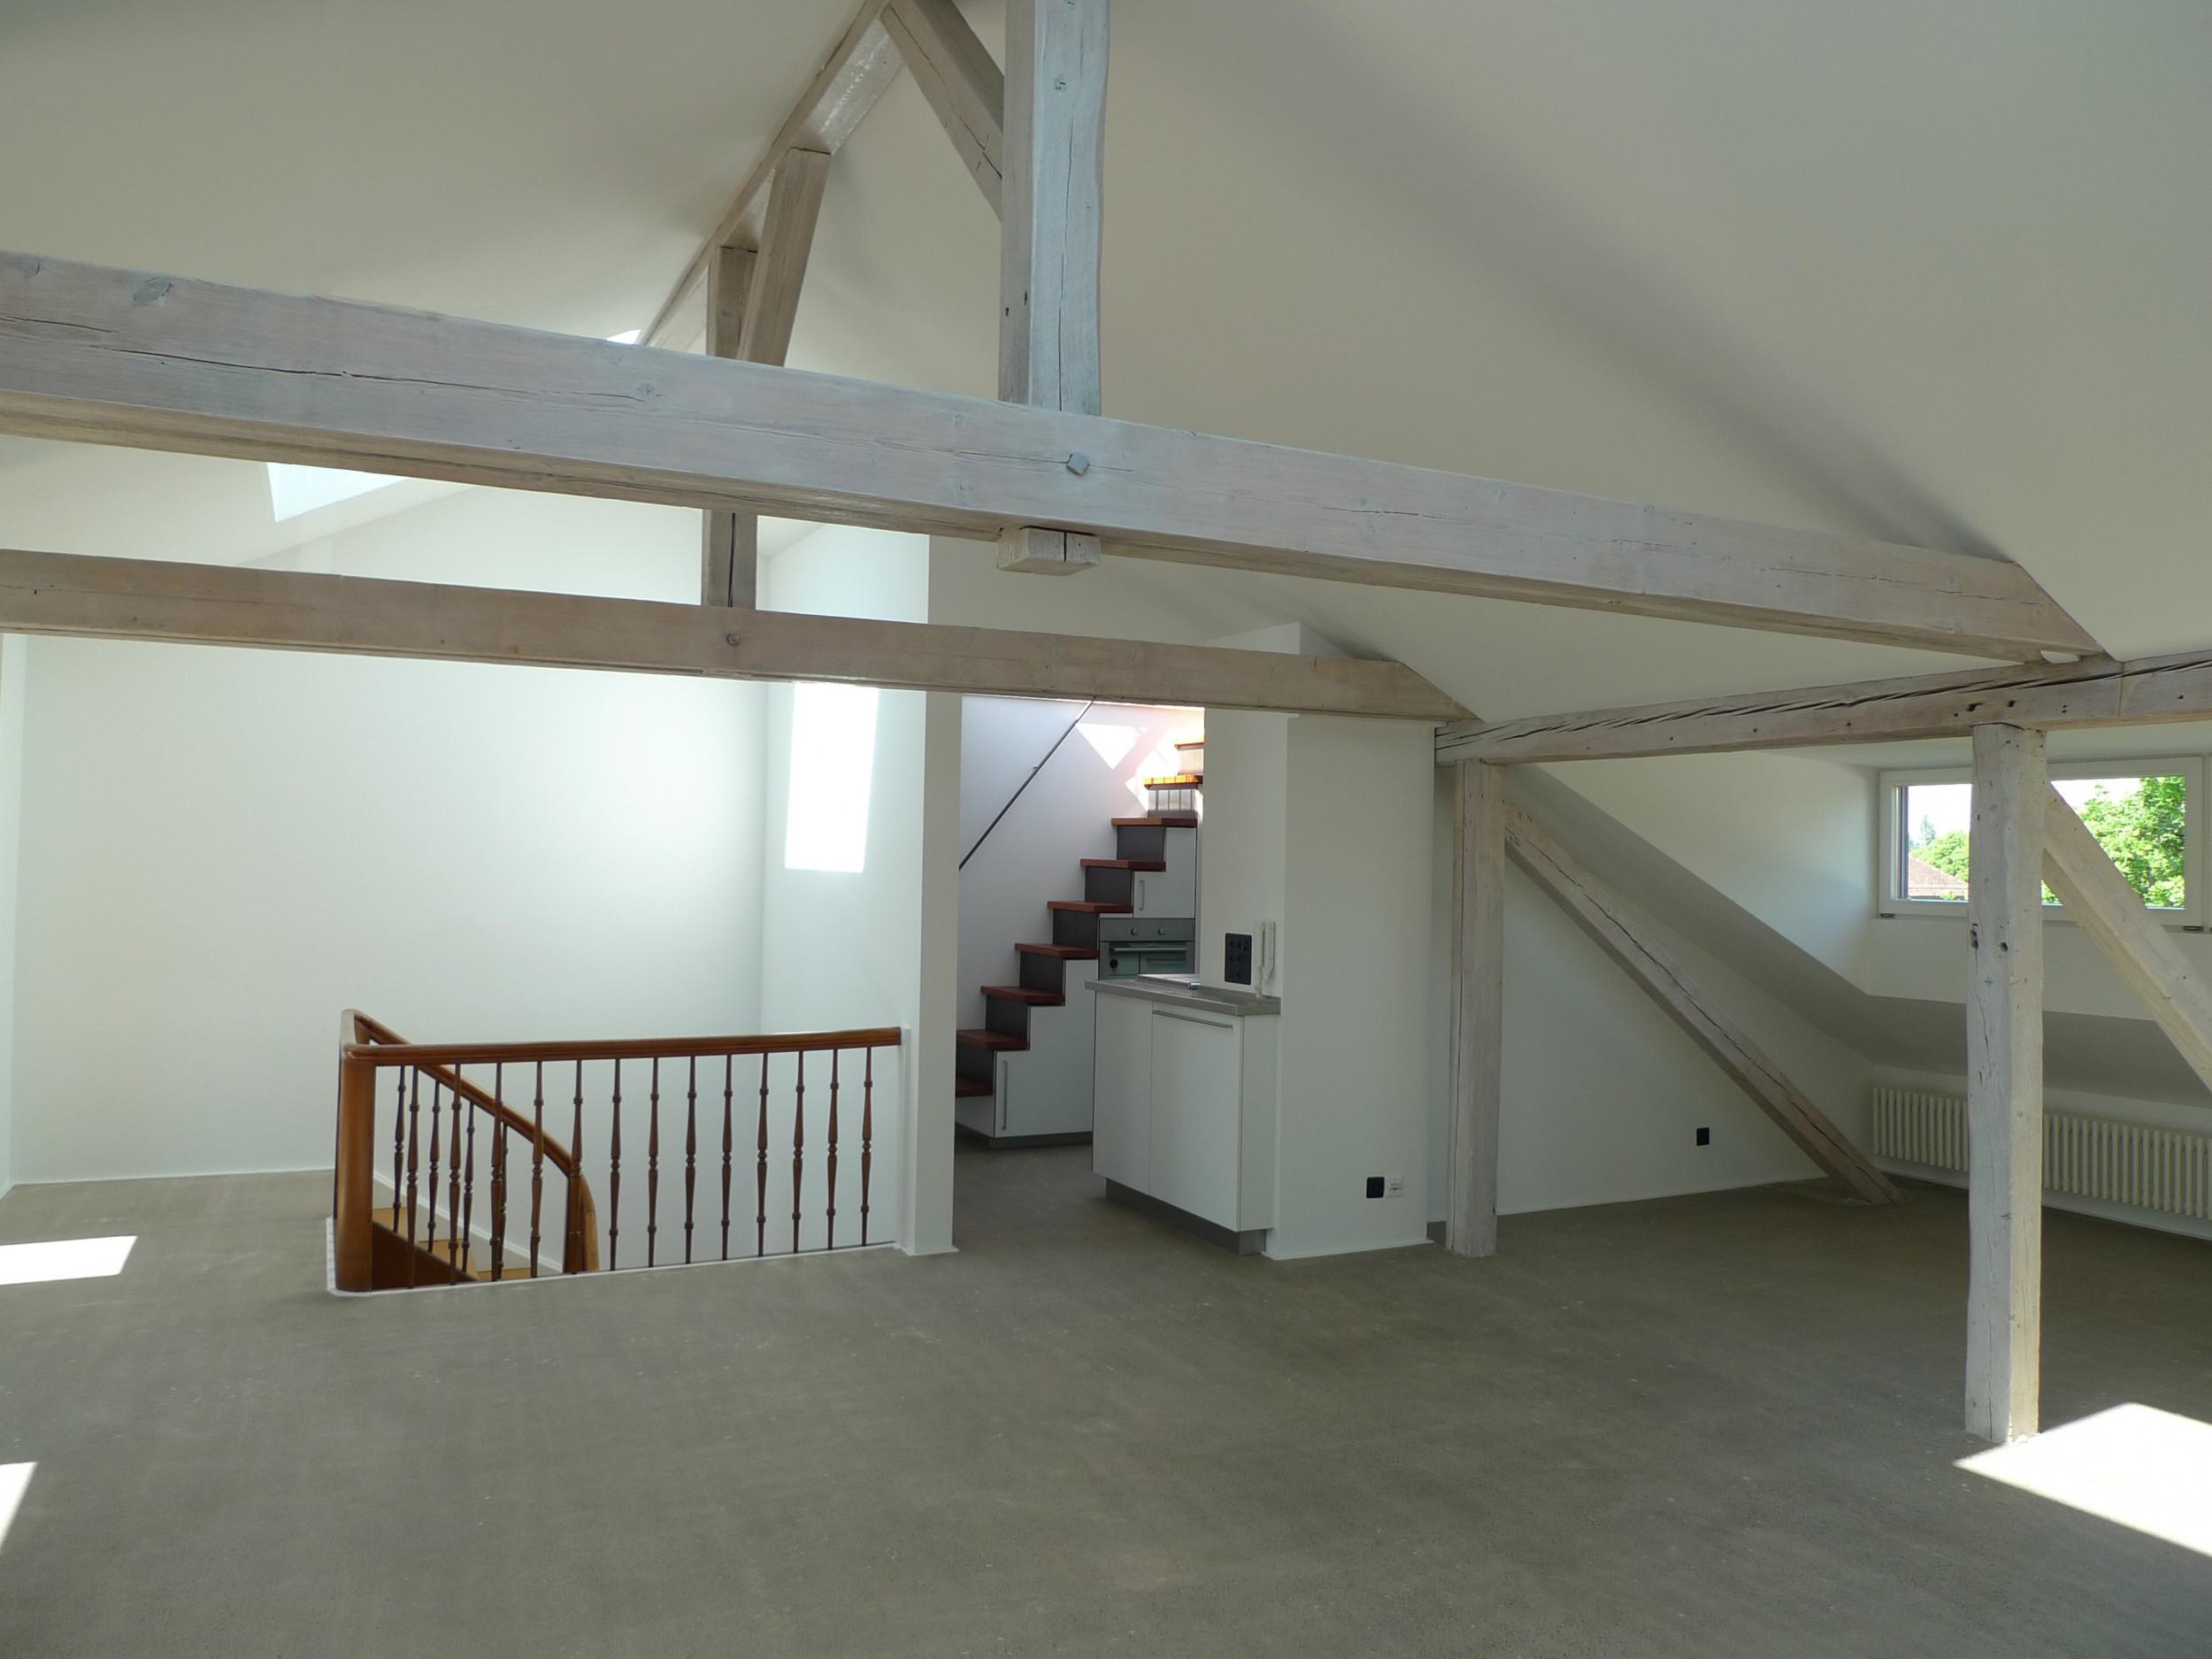 Architekturb ro yvonne r tsche basel jugendstilhaus marschalkenstrasse - Architekturburo basel ...